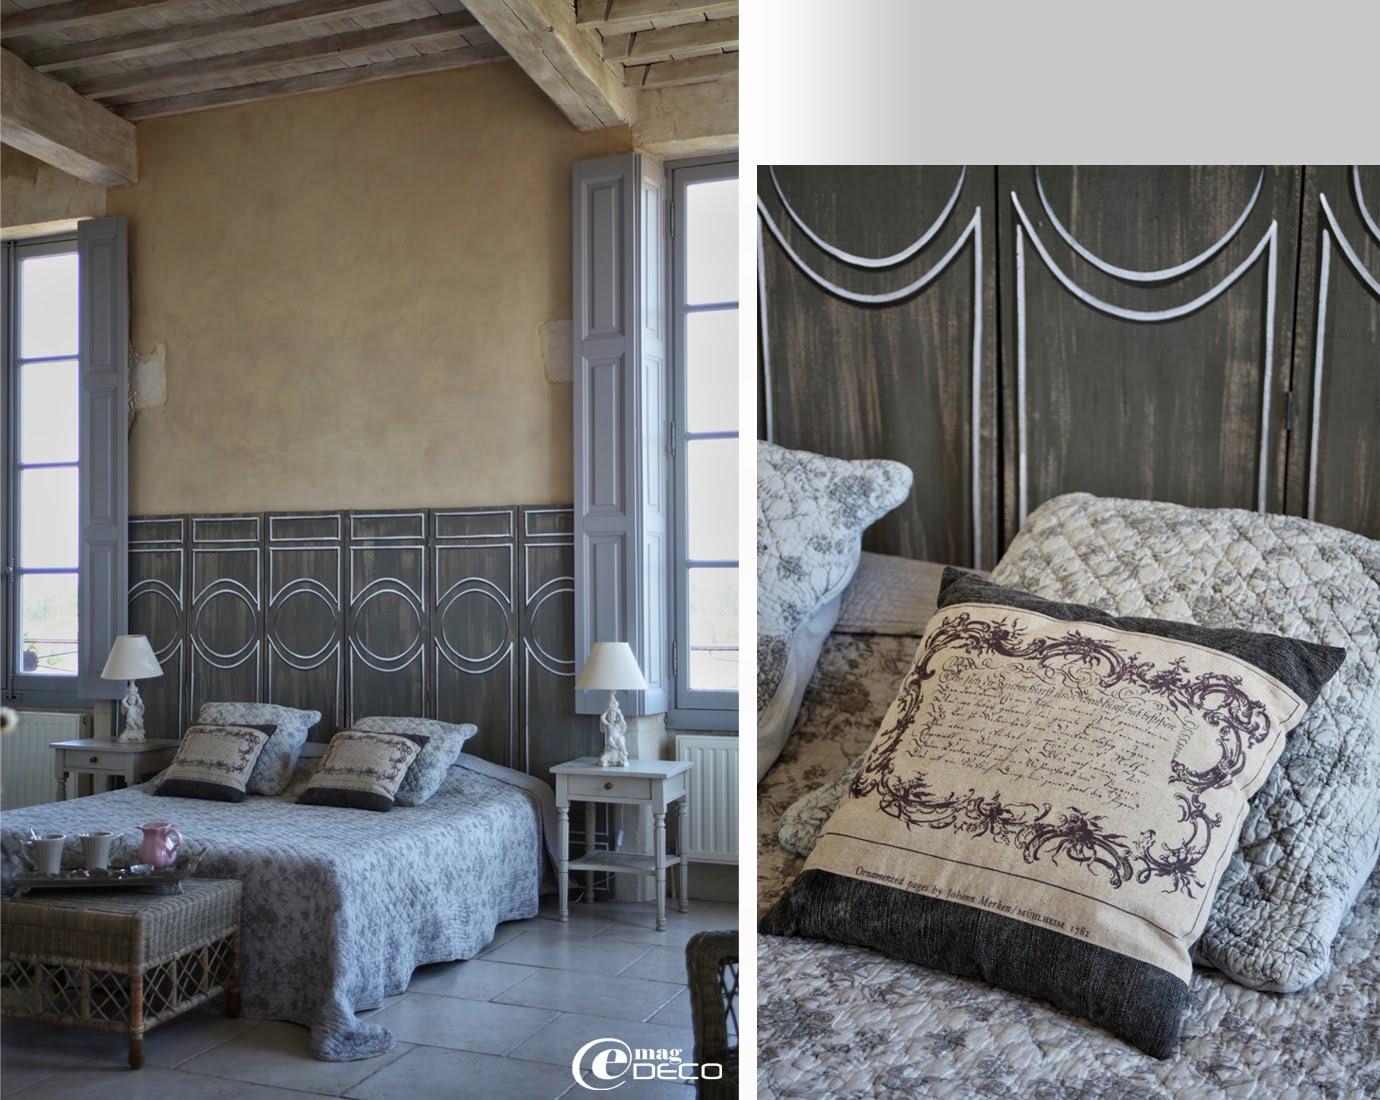 Dessus de lit et coussins Pomax, tête de lit réalisée avec des paravents